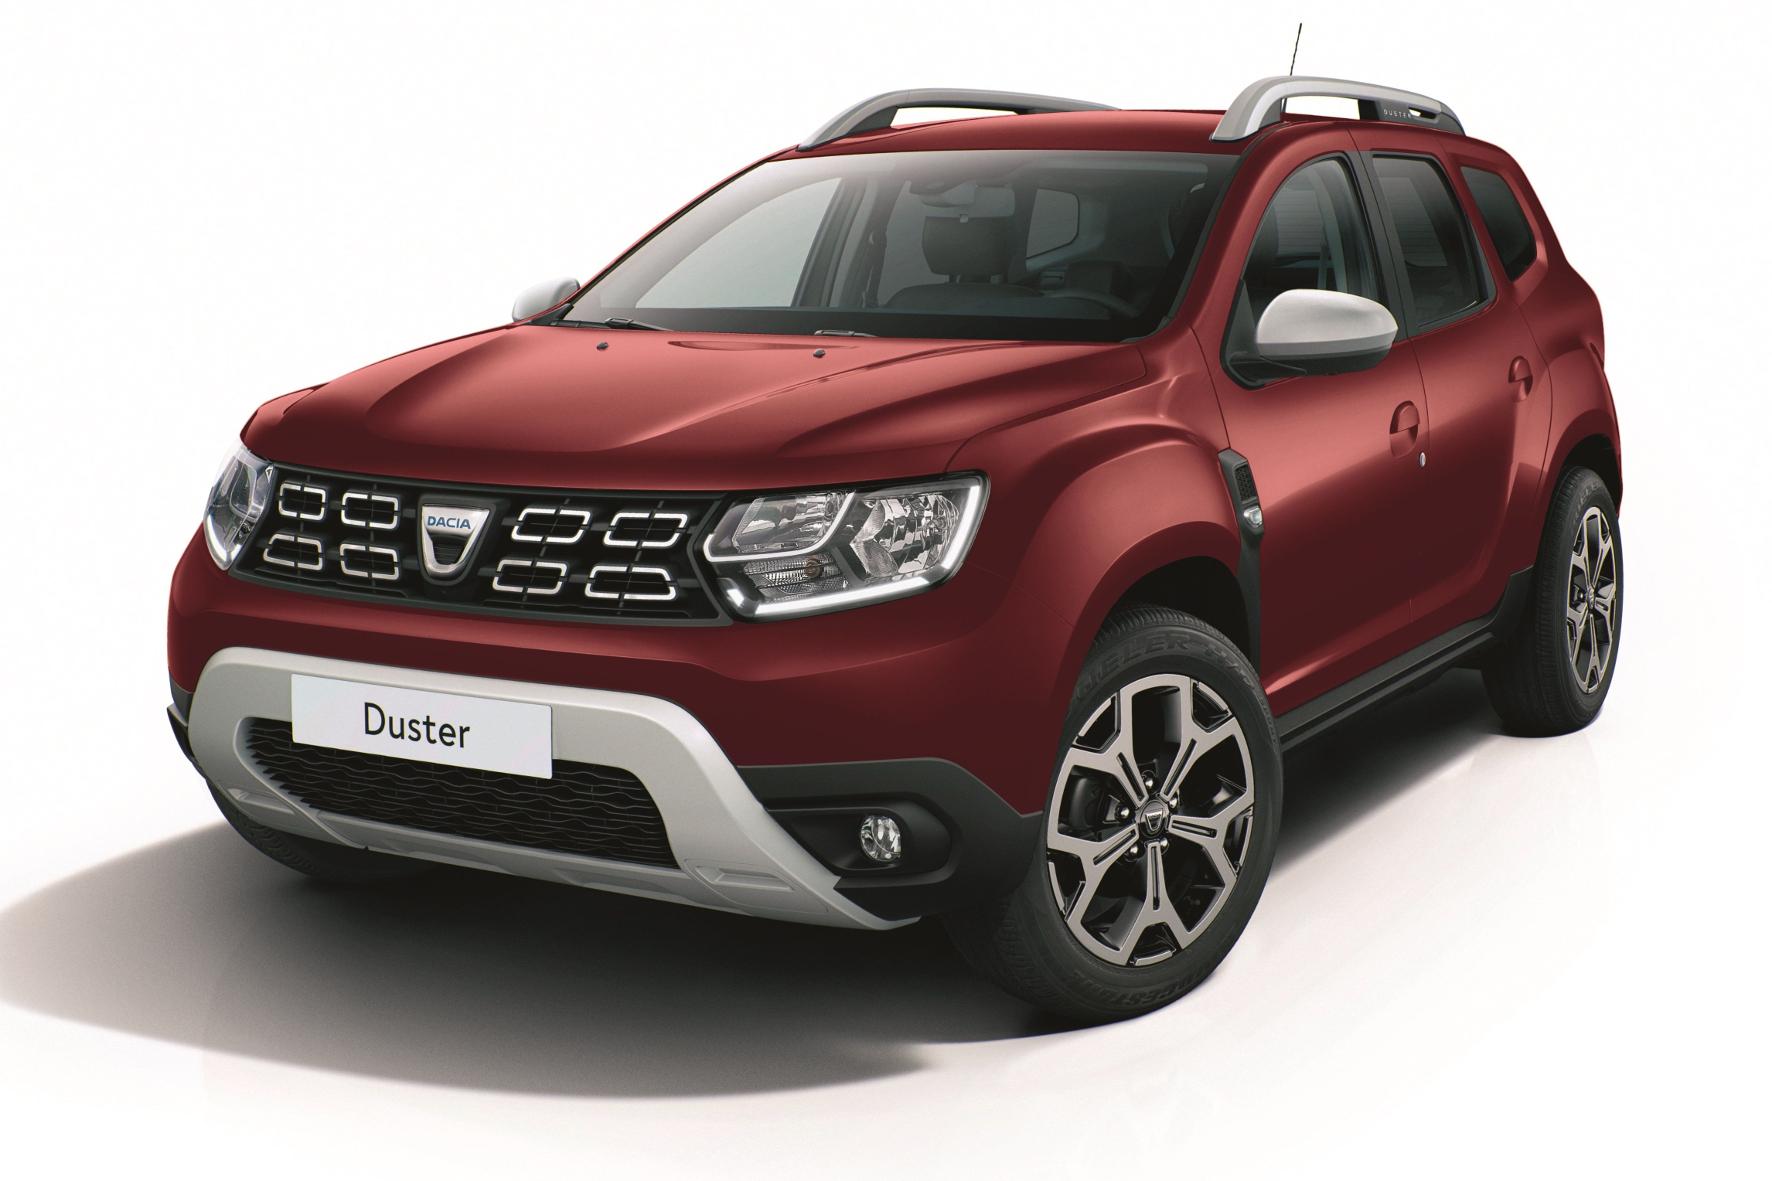 mid Groß-Gerau - Mit dem Duster Adventure bietet Dacia ein Sondermodell mit umfangreicher Ausstattung an. Dacia